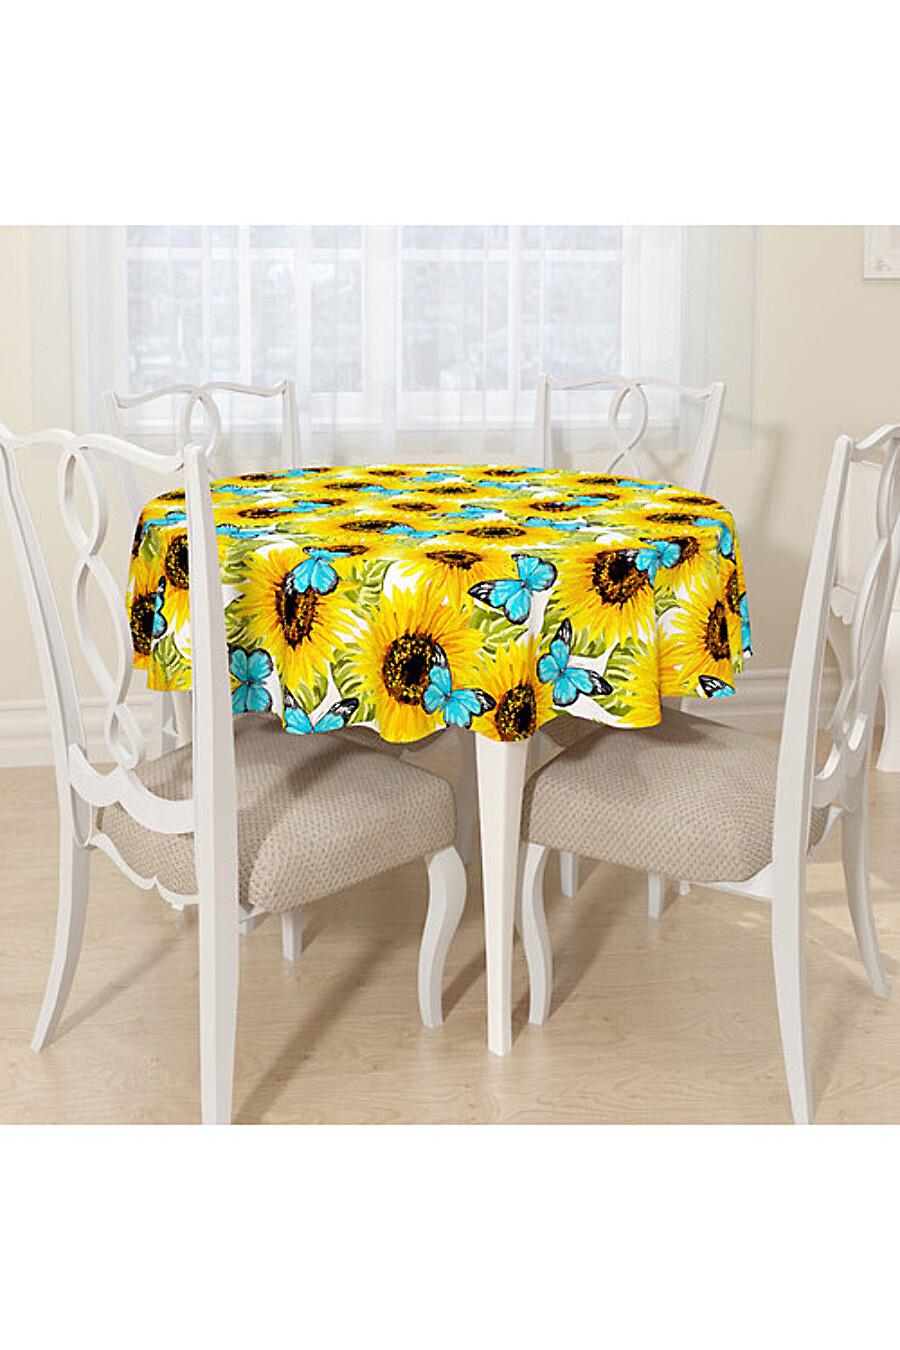 Скатерть для дома ART HOME TEXTILE 180109 купить оптом от производителя. Совместная покупка товаров для дома в OptMoyo